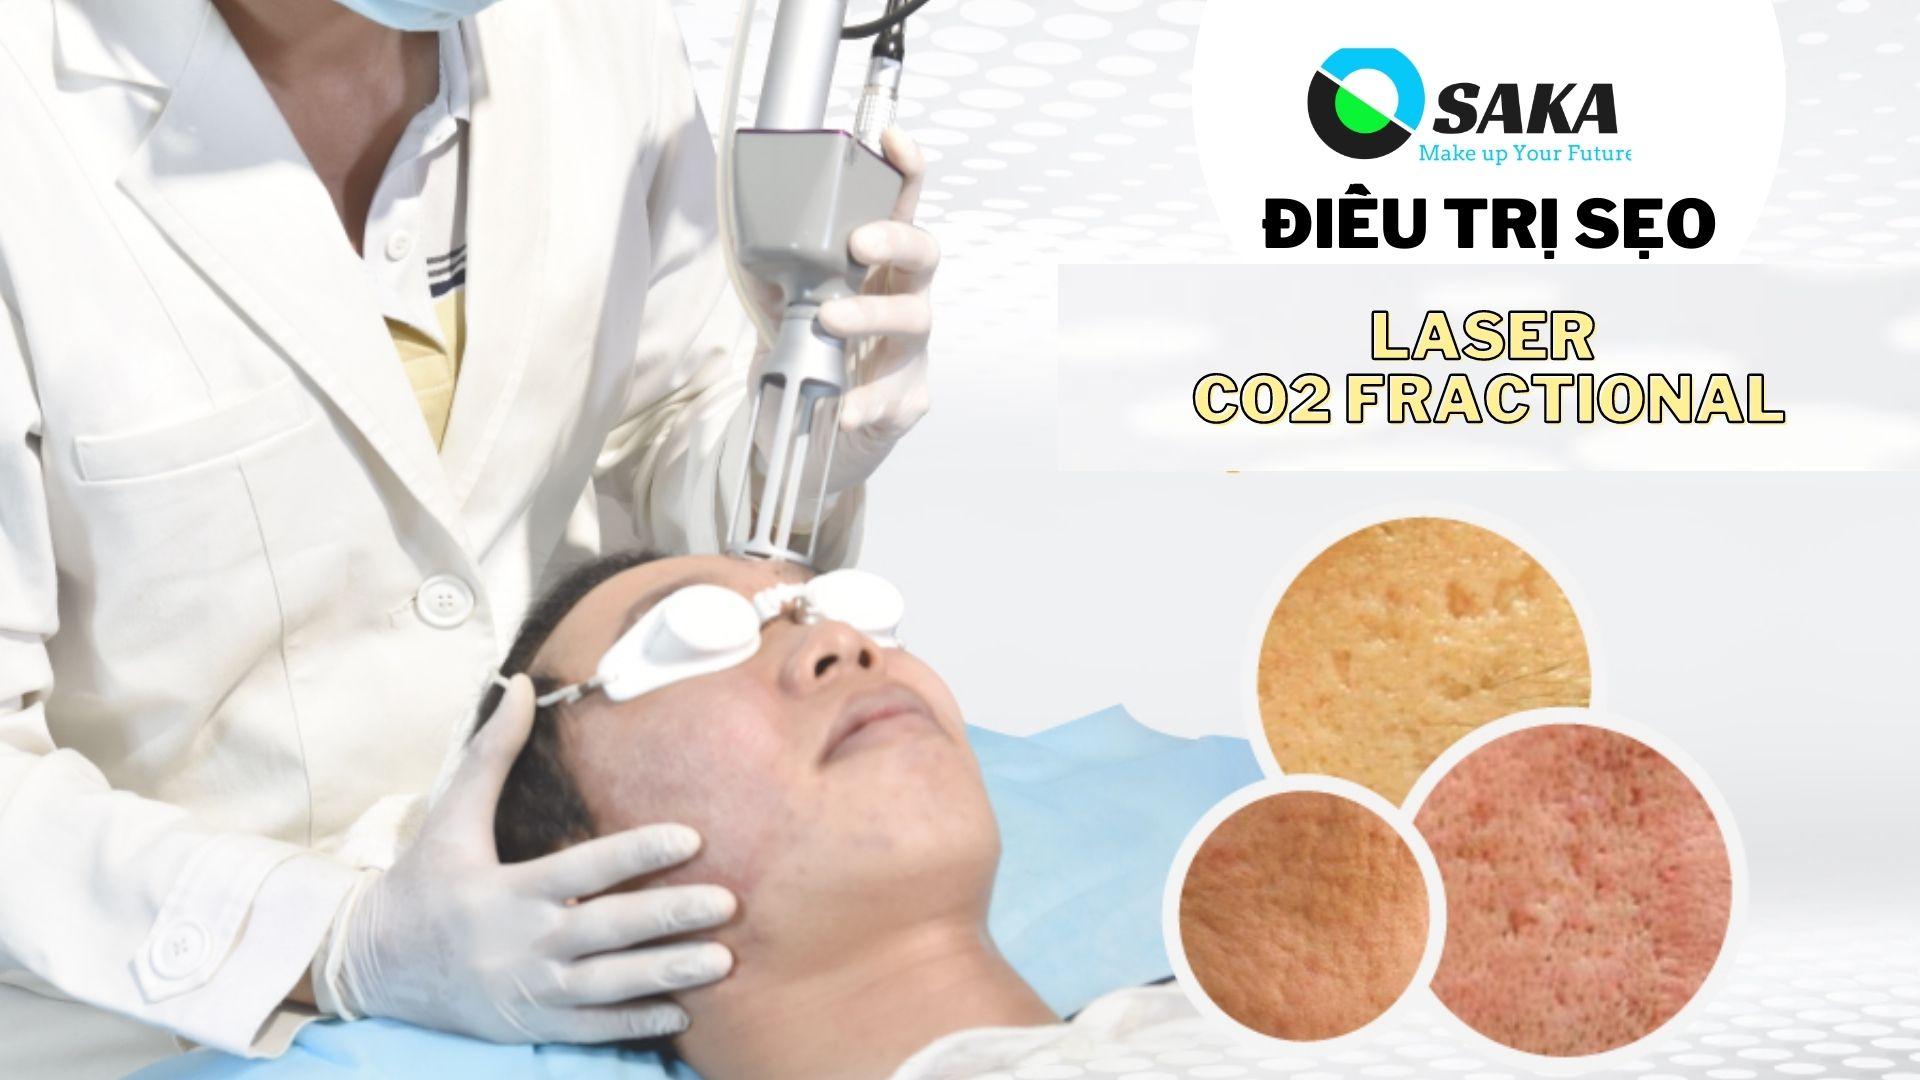 Hướng dẫn điều trị sẹo bằng Laser CO2 Fractional